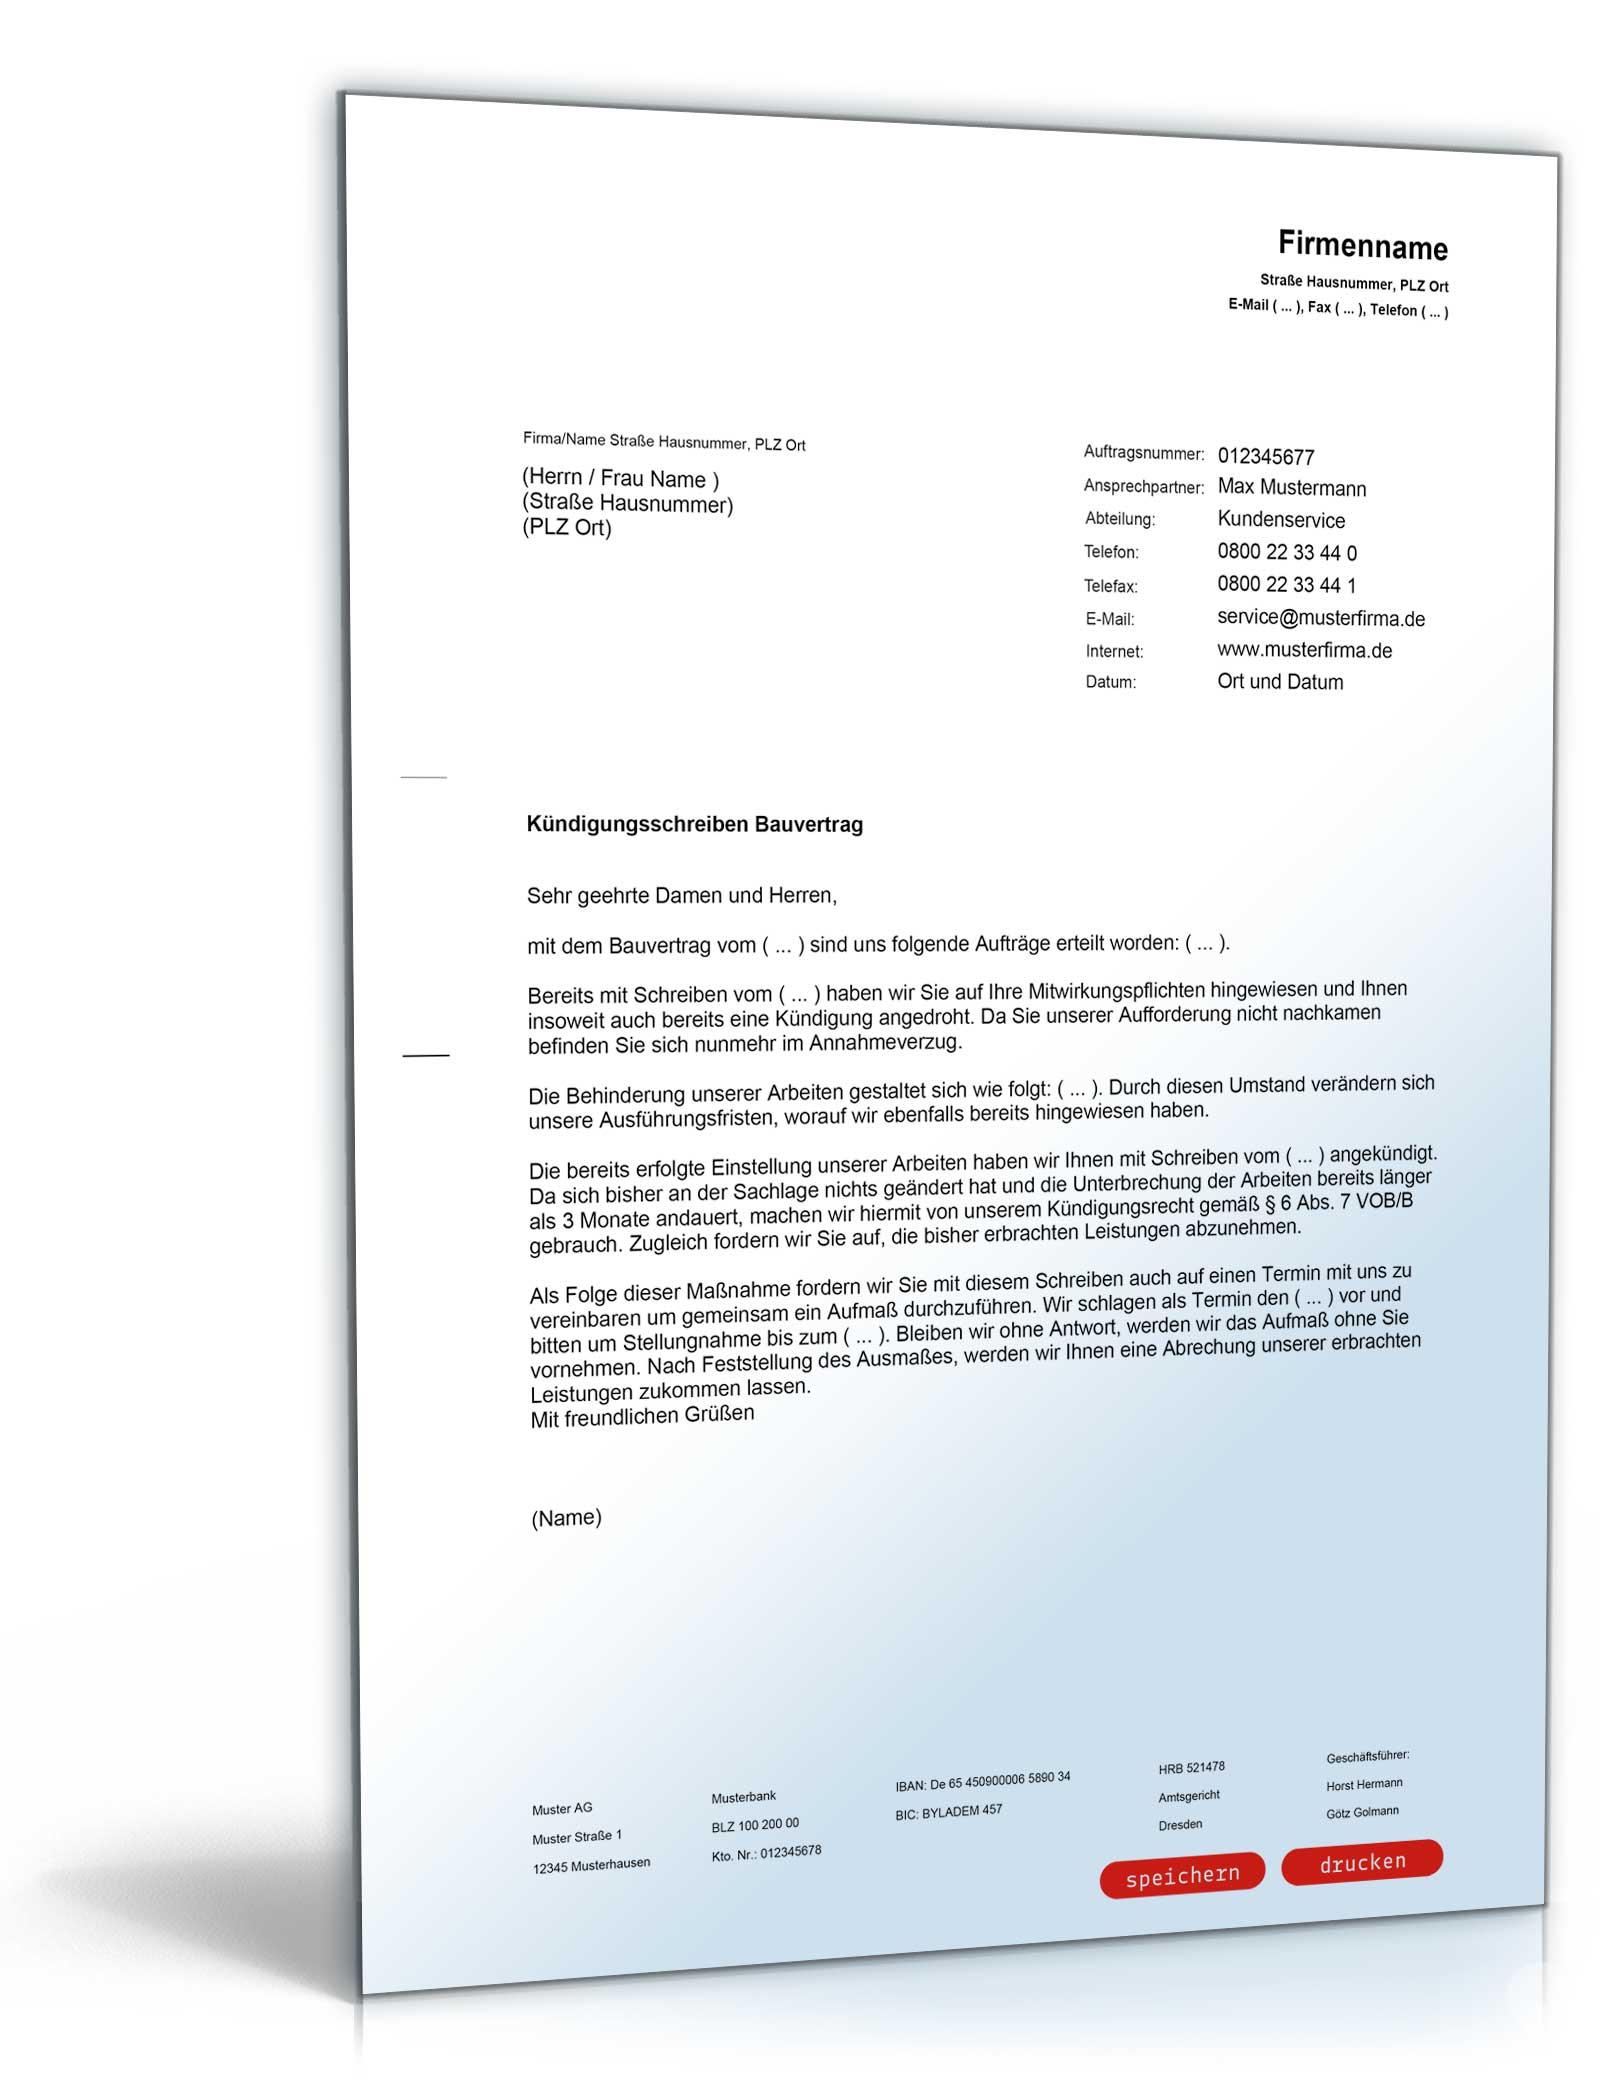 Kündigung Bauvertrag Pdf Download Amazonde Software